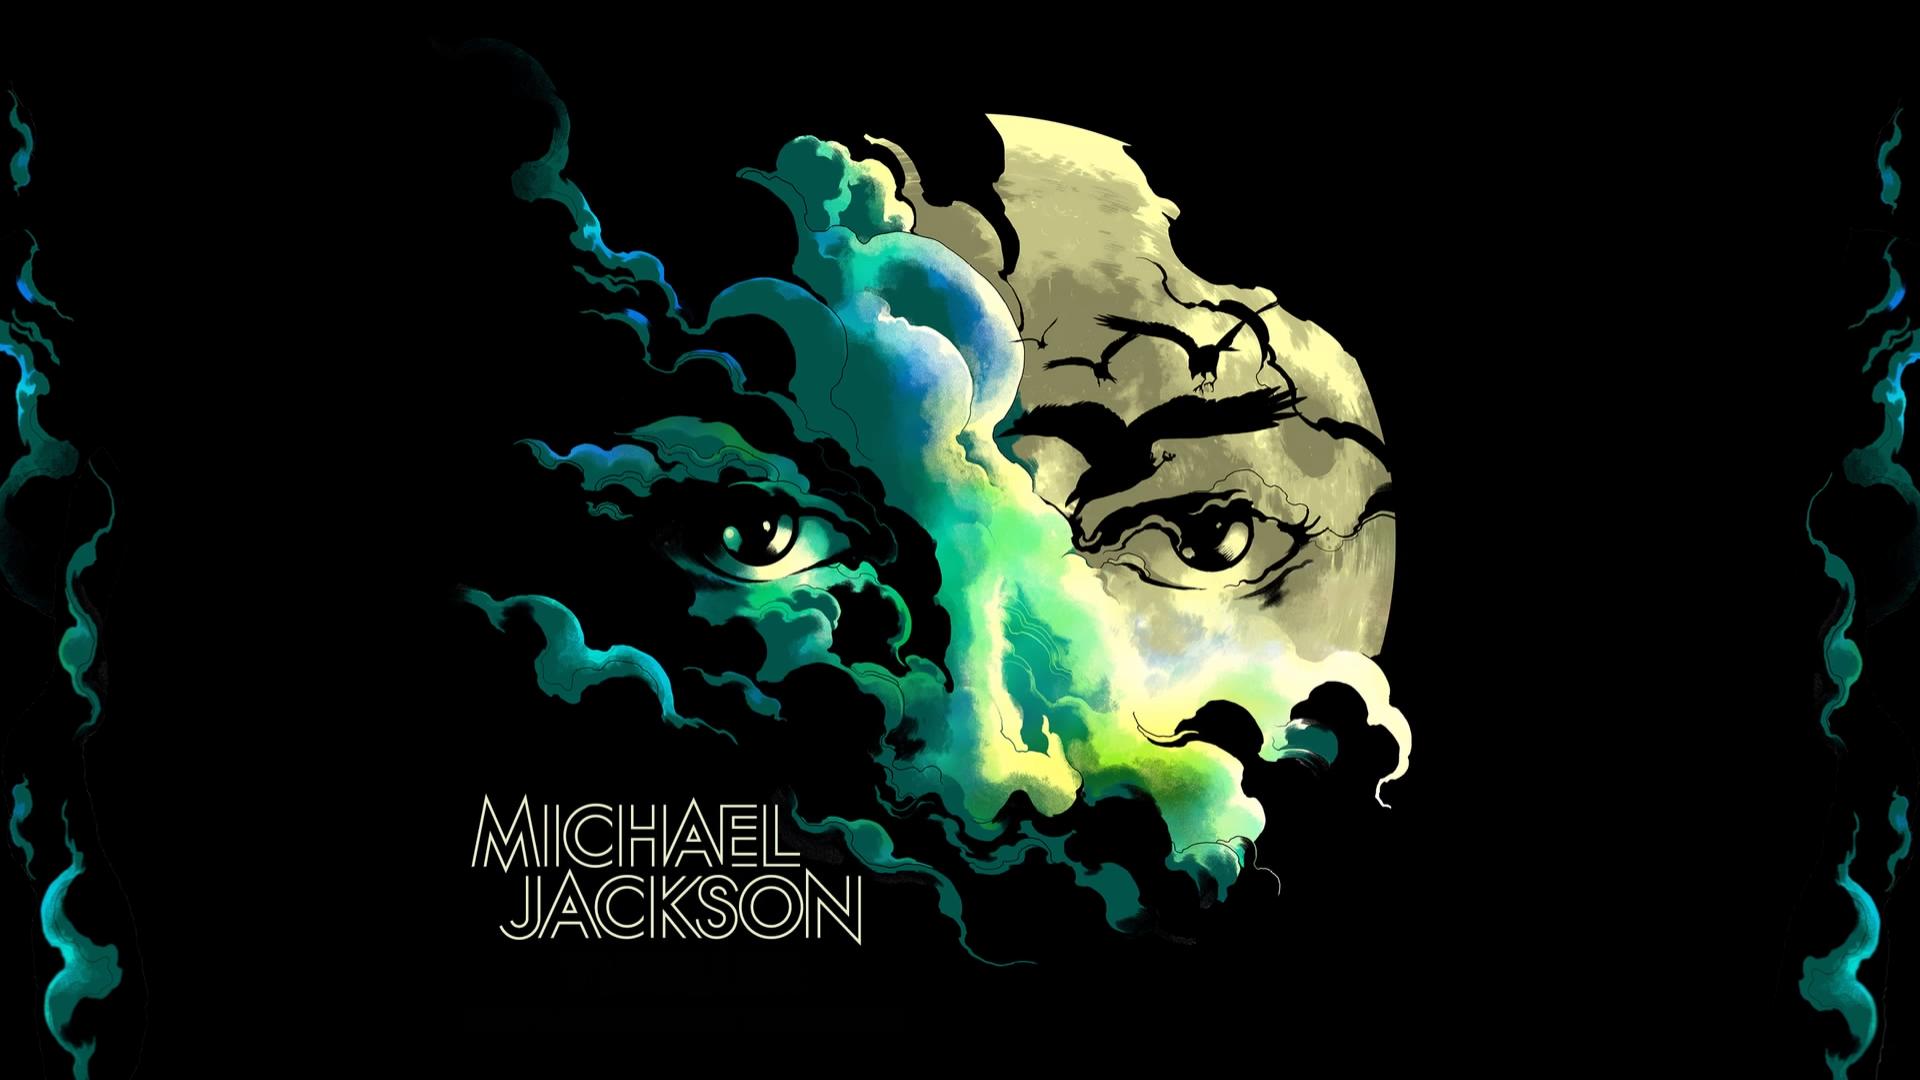 Michael Jackson Scream 2017 Hd Wallpaper Hintergrund